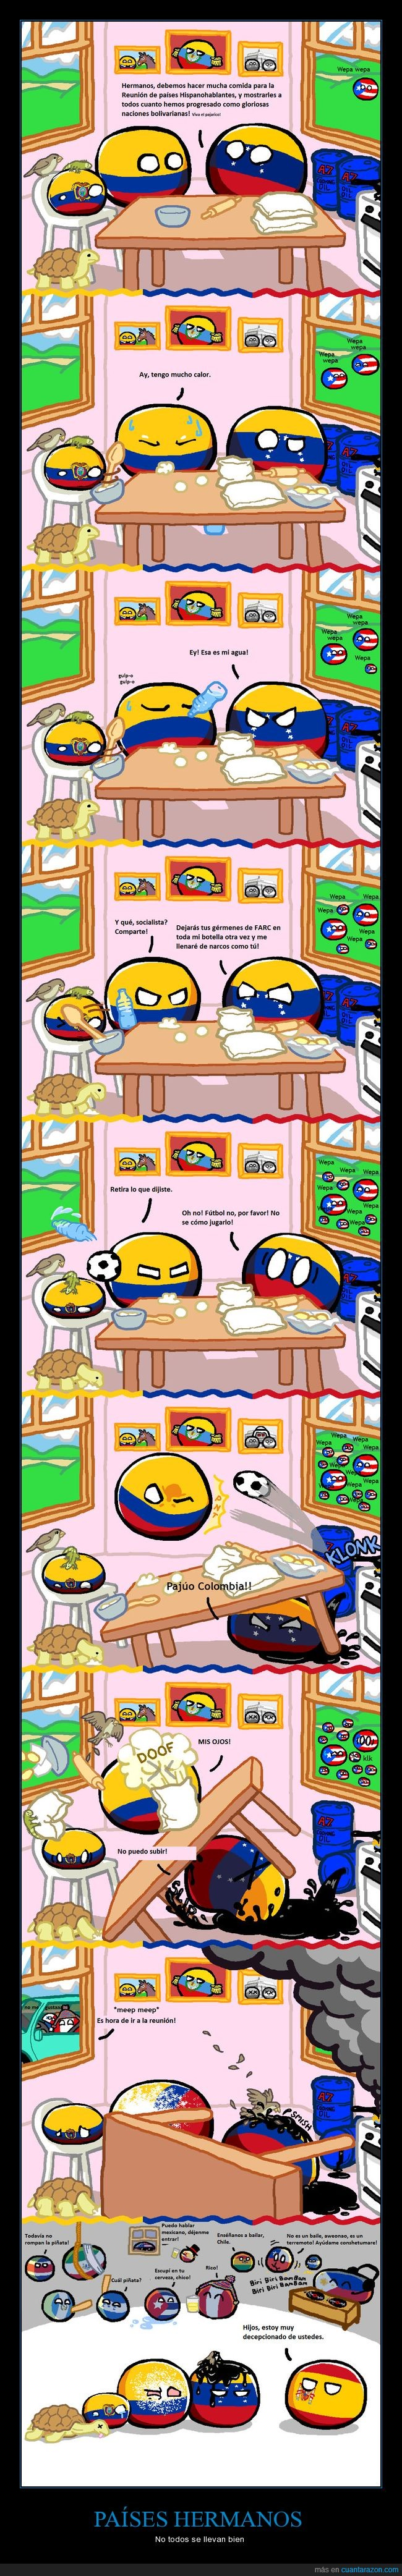 Colombia,Ecuador,España,latinoamericano,Venezuela